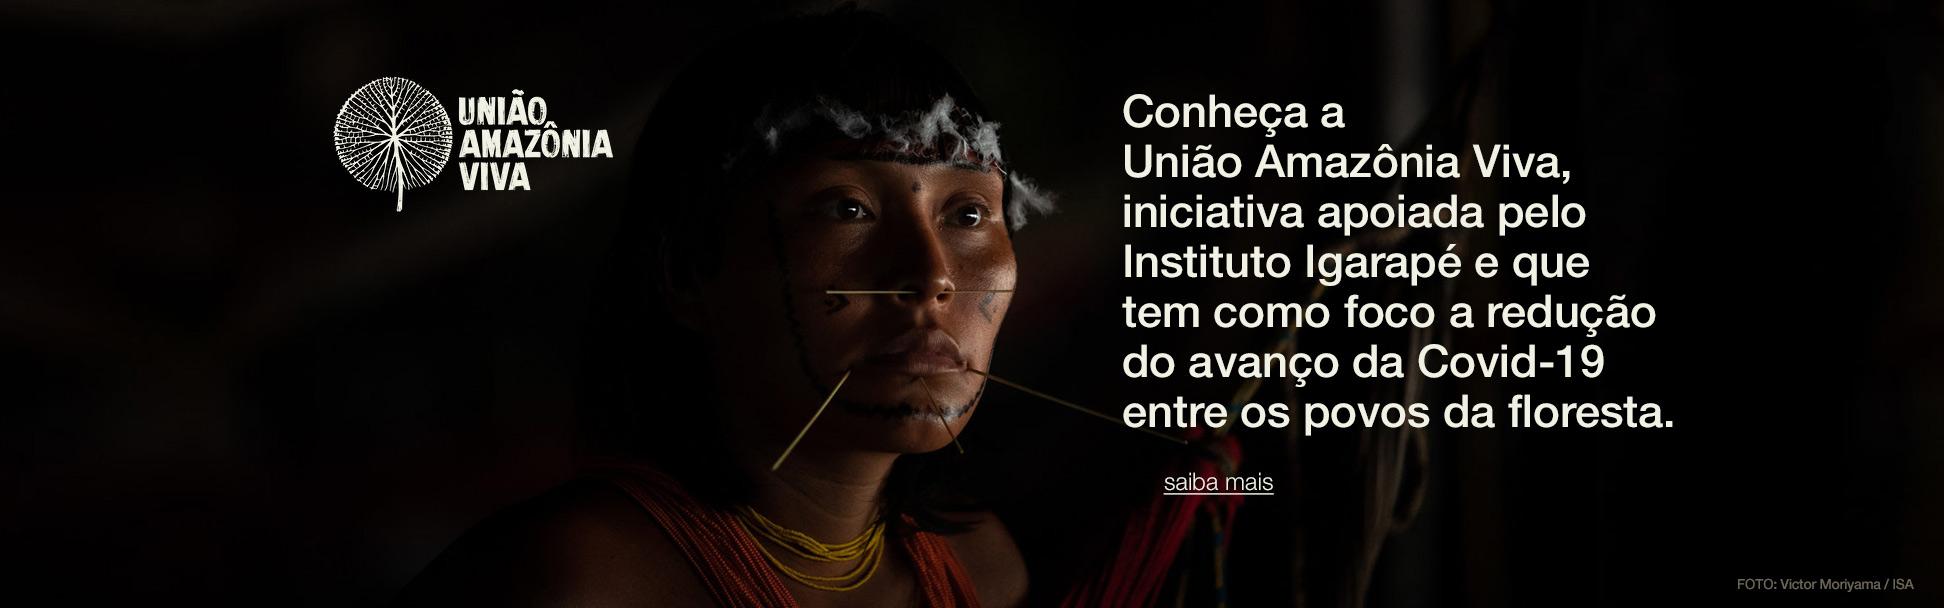 banner-amazonia